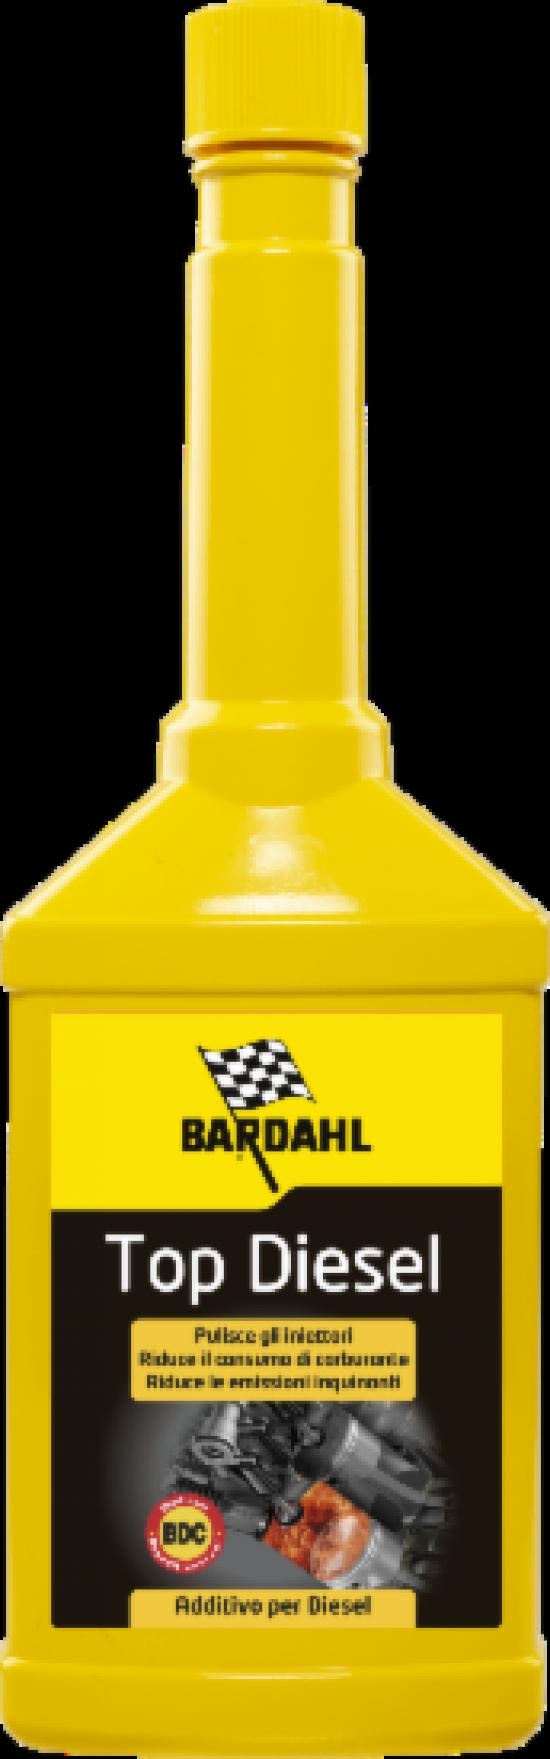 Bardahl TOP DIESEL